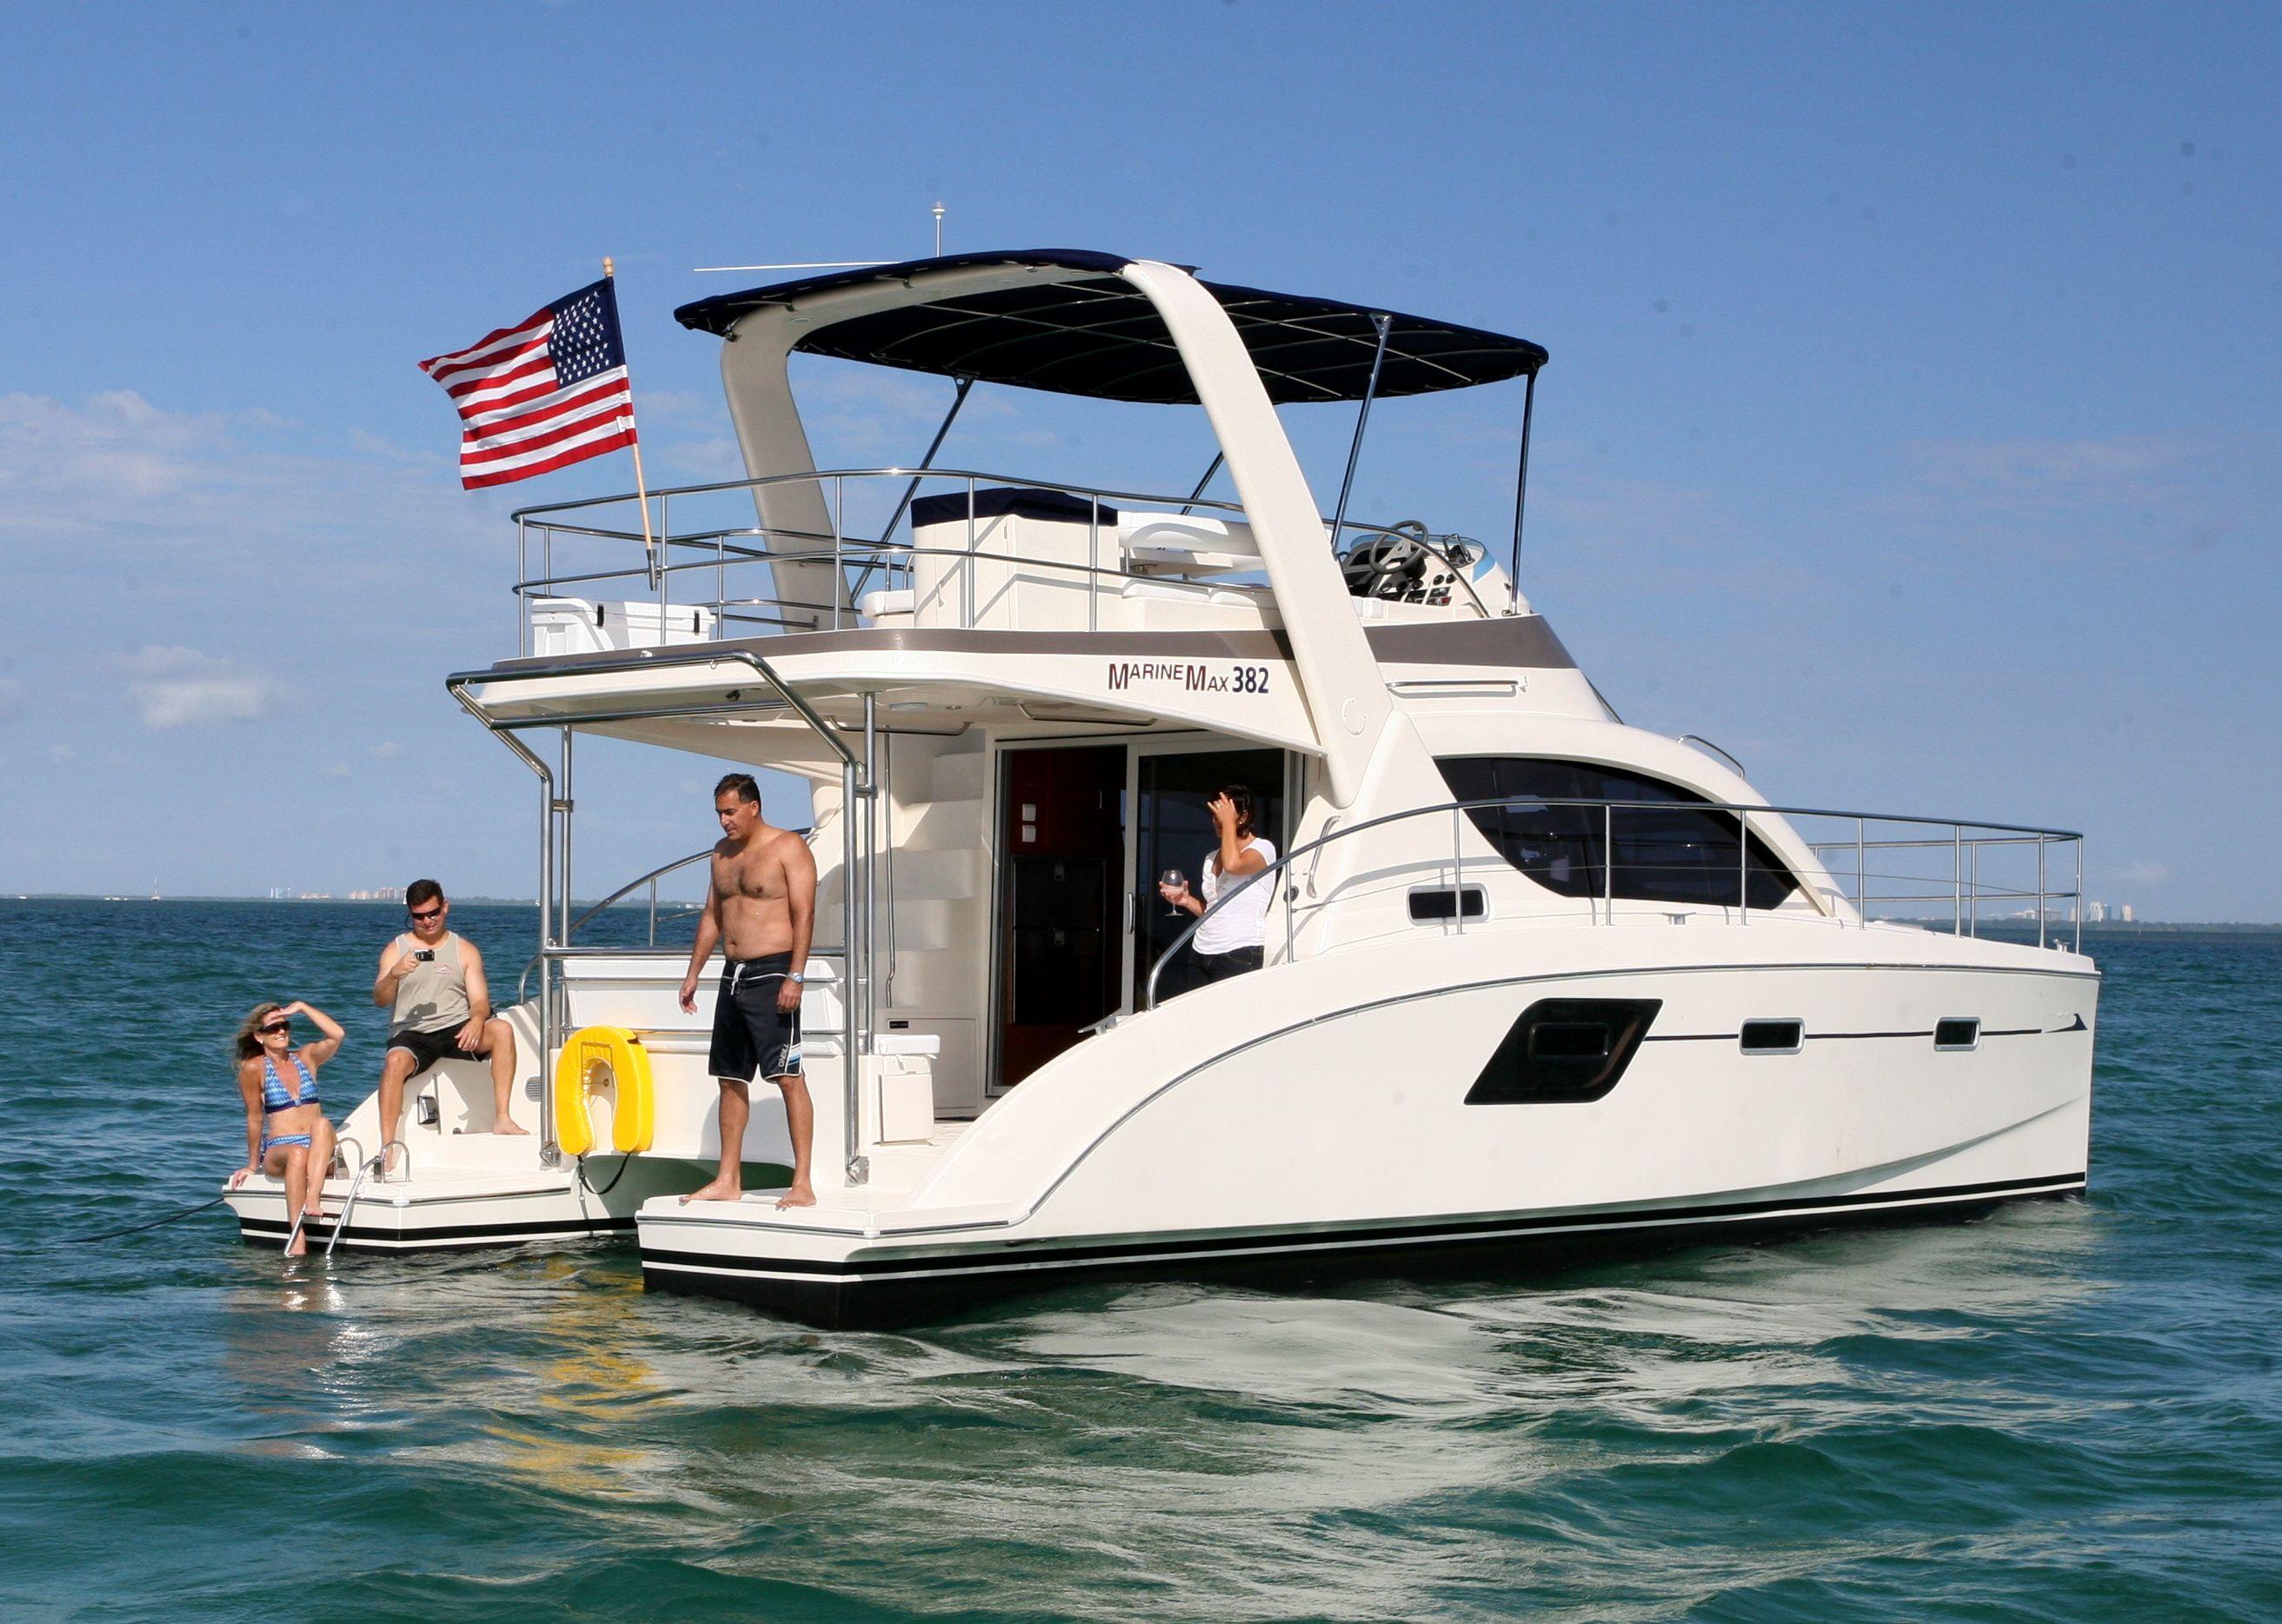 Marinemax 382 Power Catamaran Power Catamaran Motor Yacht Yacht Charter